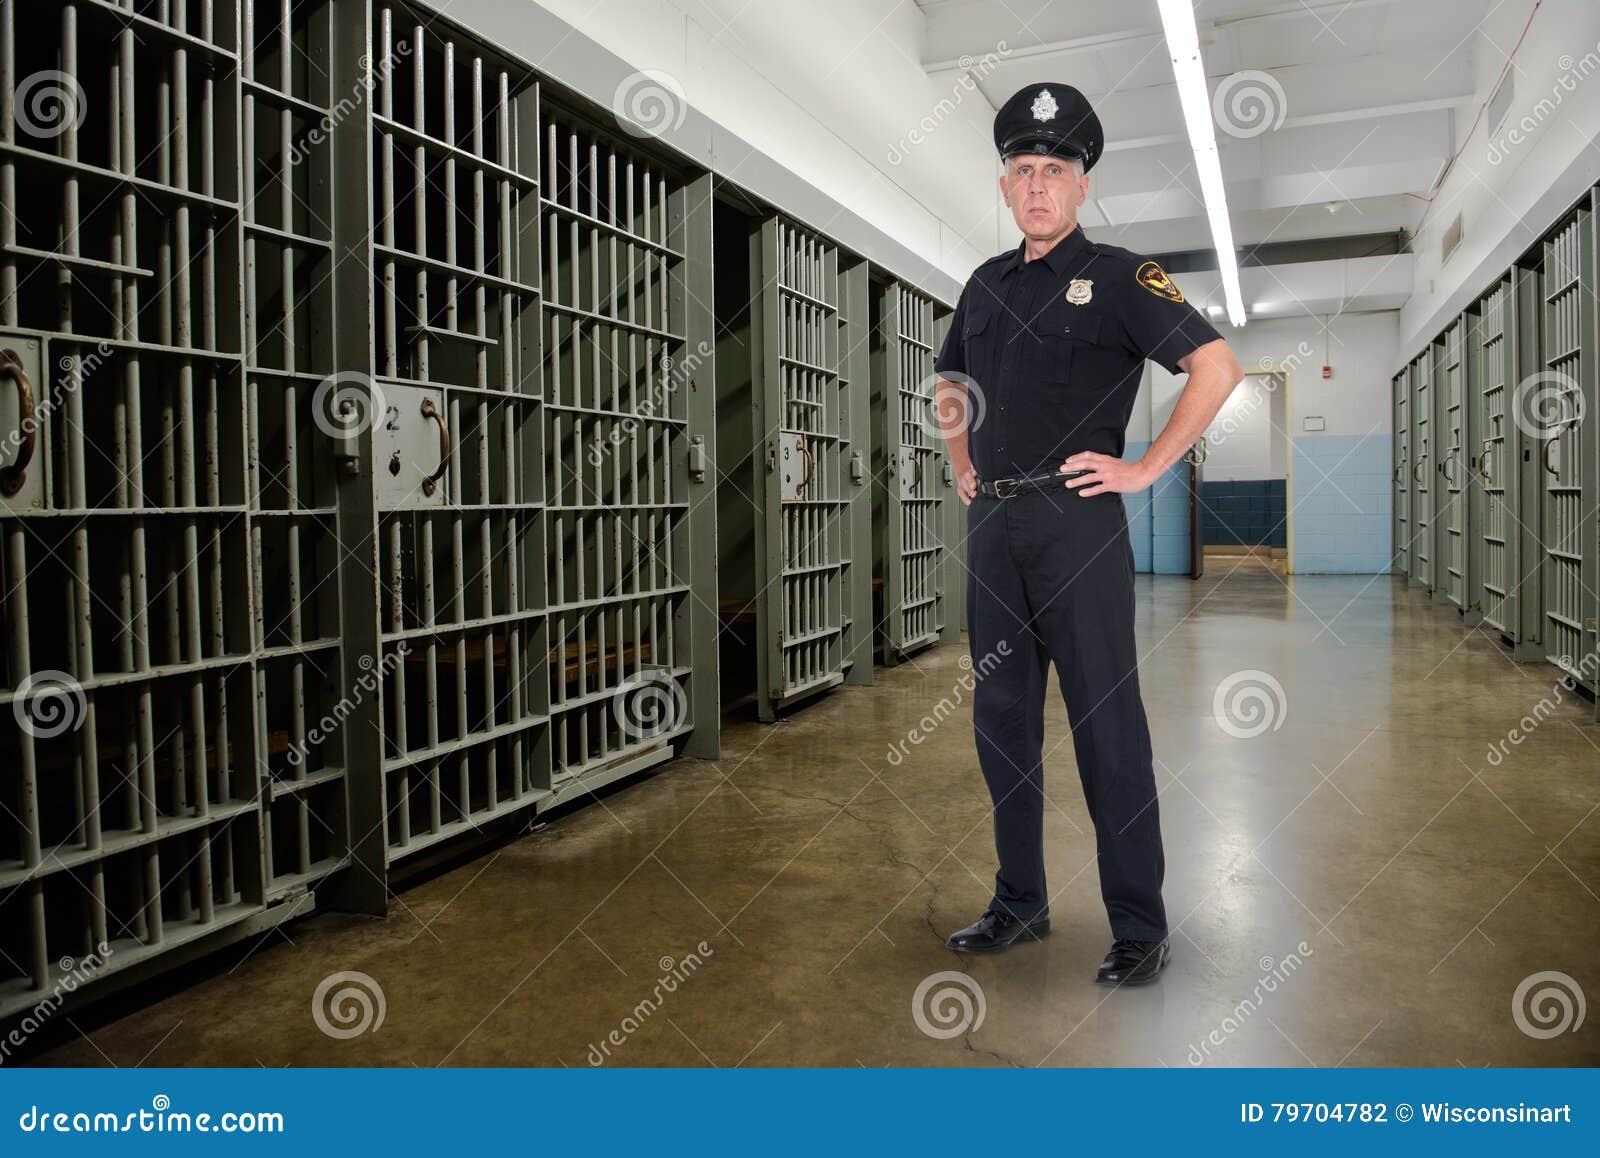 Gefängnis, Gefängnis, Strafverfolgung, Polizei